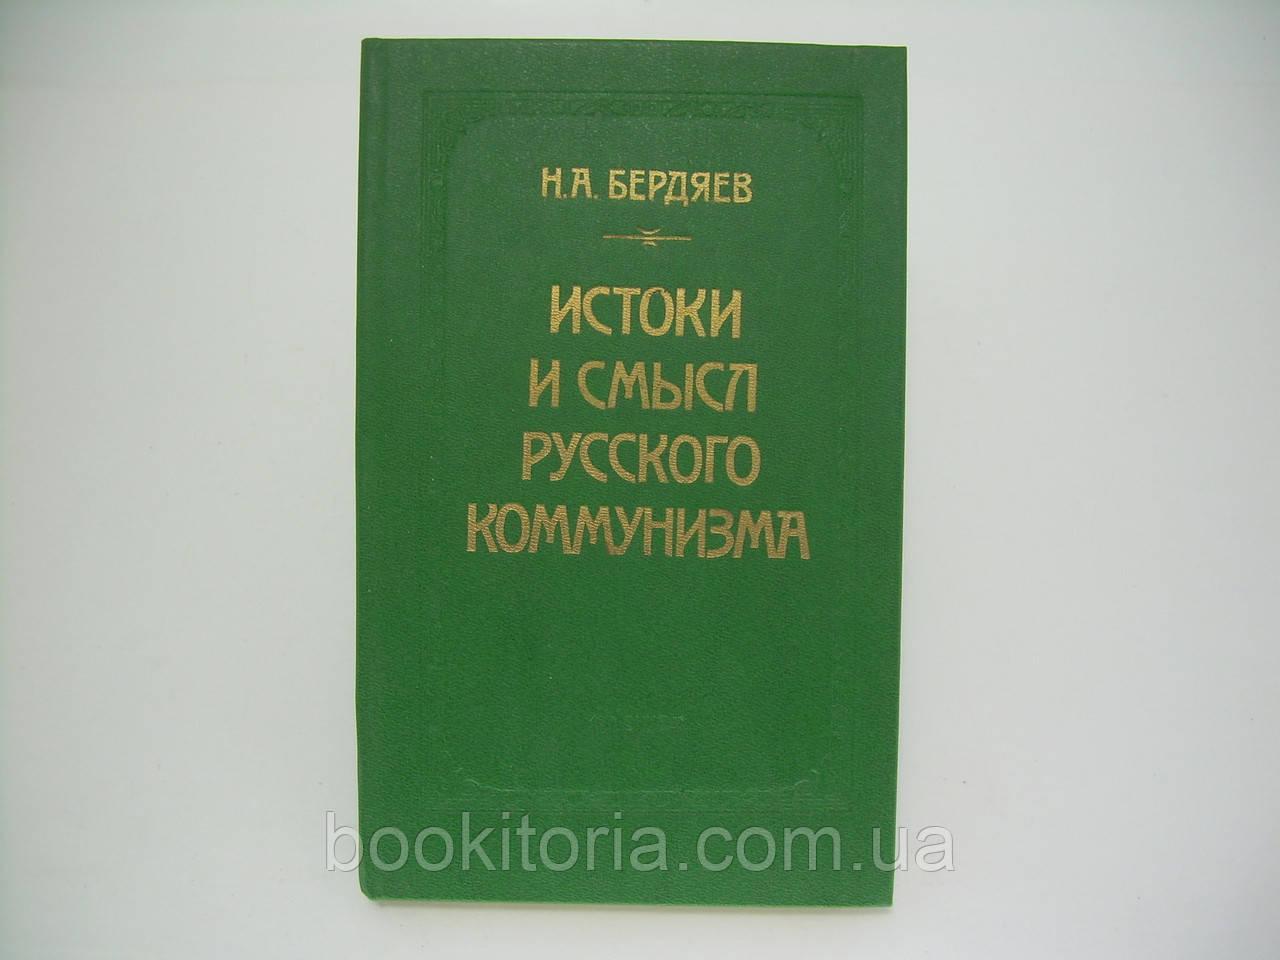 Бердяев Н.А. Истоки и смысл русского коммунизма (б/у).